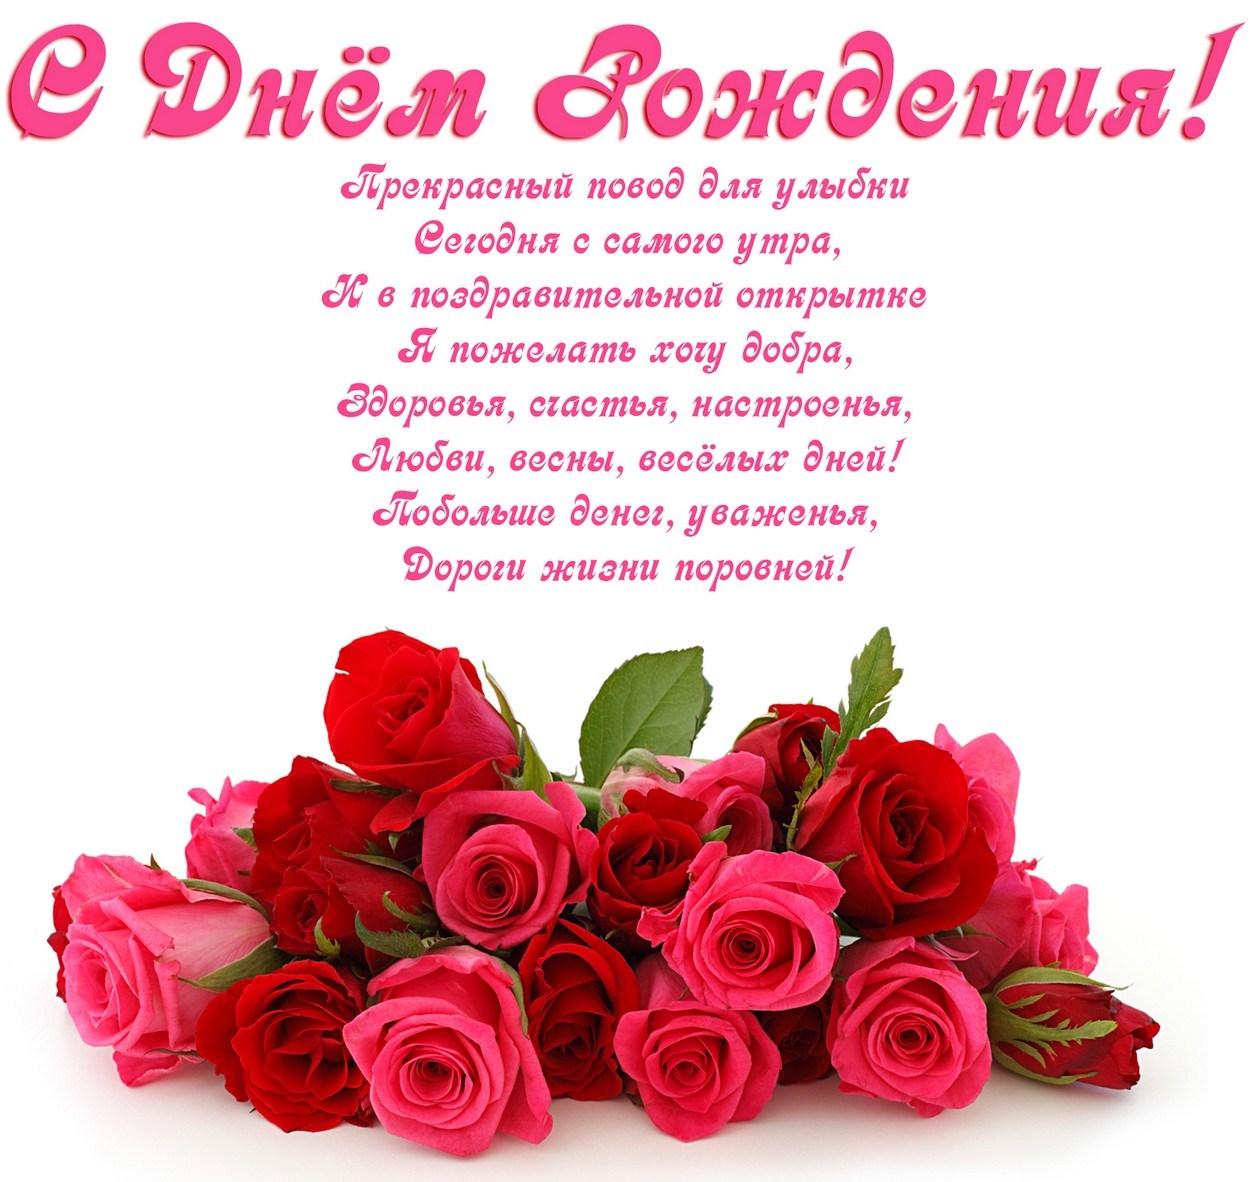 Поздравления с днм рожденья на вы